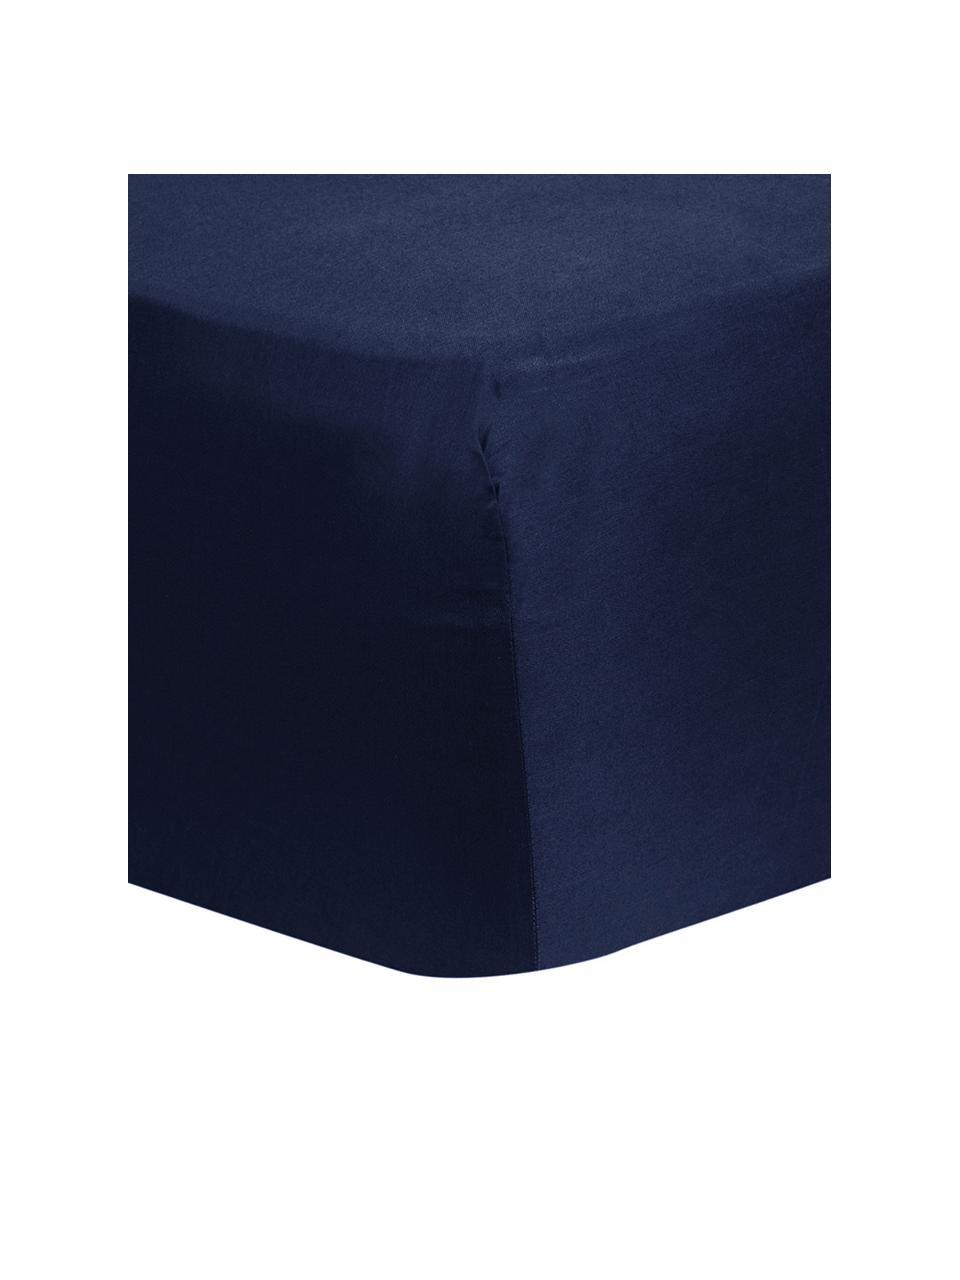 Spannbettlaken Comfort in Dunkelblau, Baumwollsatin, Webart: Satin, leicht glänzend, Dunkelblau, 180 x 200 cm